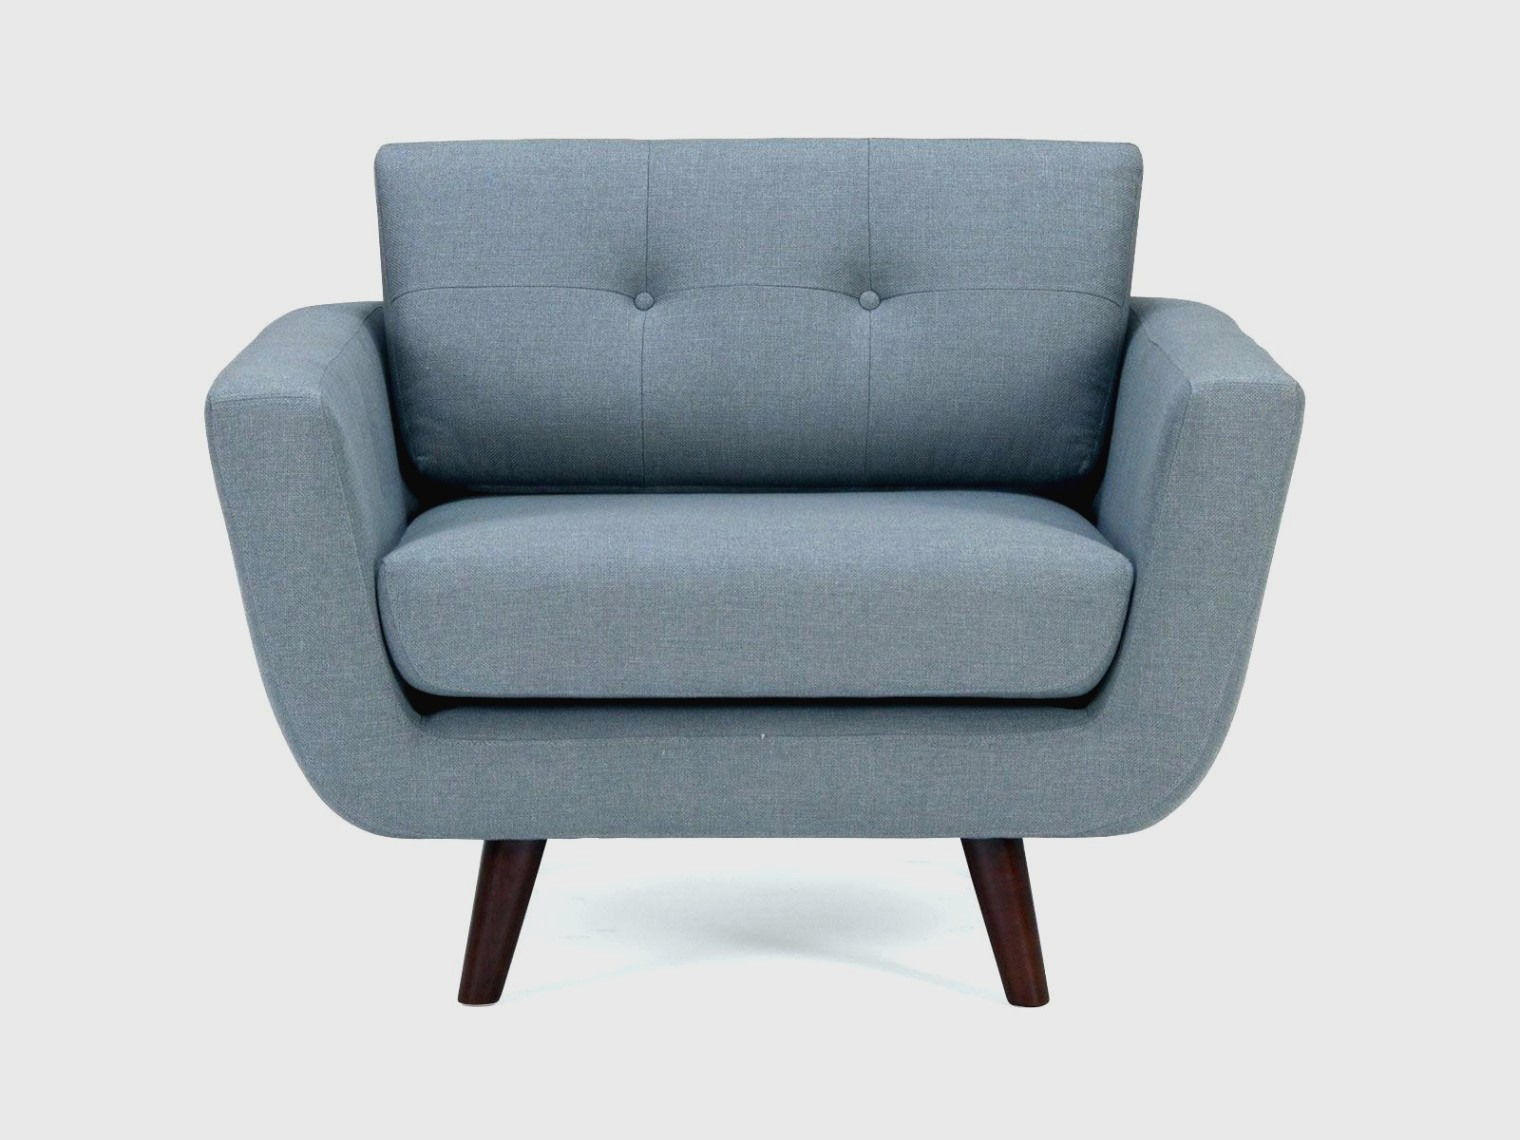 Full Size of Ikea Relaxsessel Top Five Modern Küche Kosten Sofa Mit Schlaffunktion Betten Bei Garten 160x200 Kaufen Modulküche Miniküche Aldi Wohnzimmer Ikea Relaxsessel